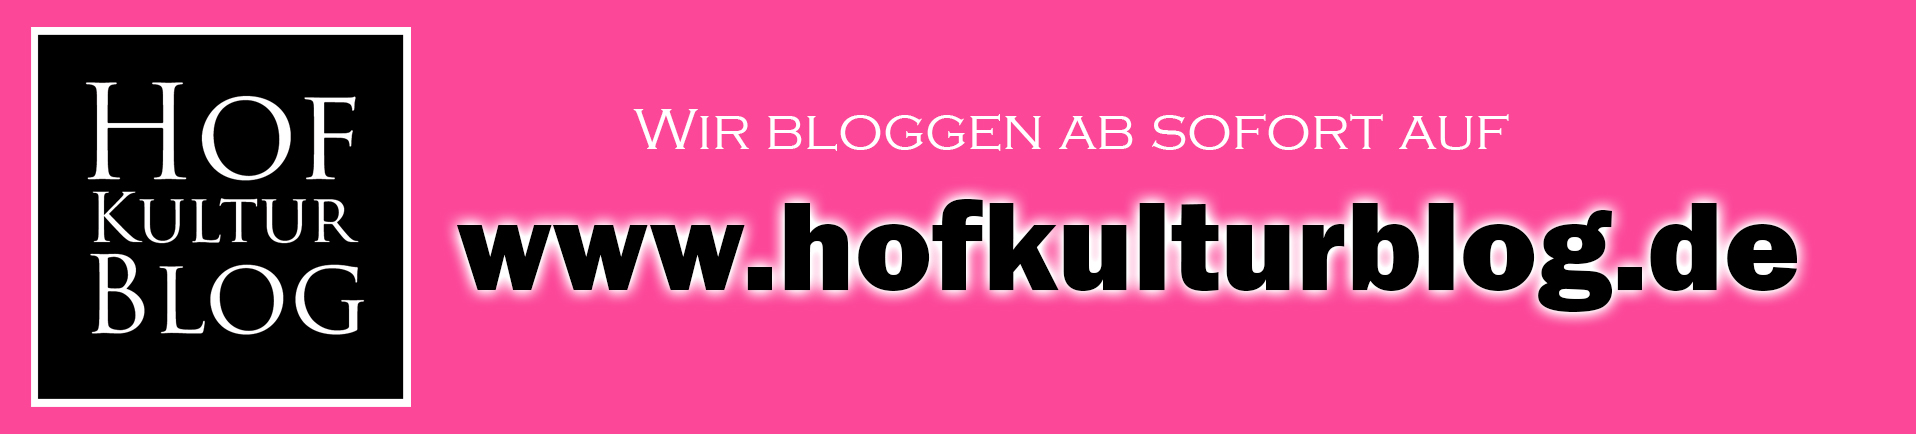 Hofkultur